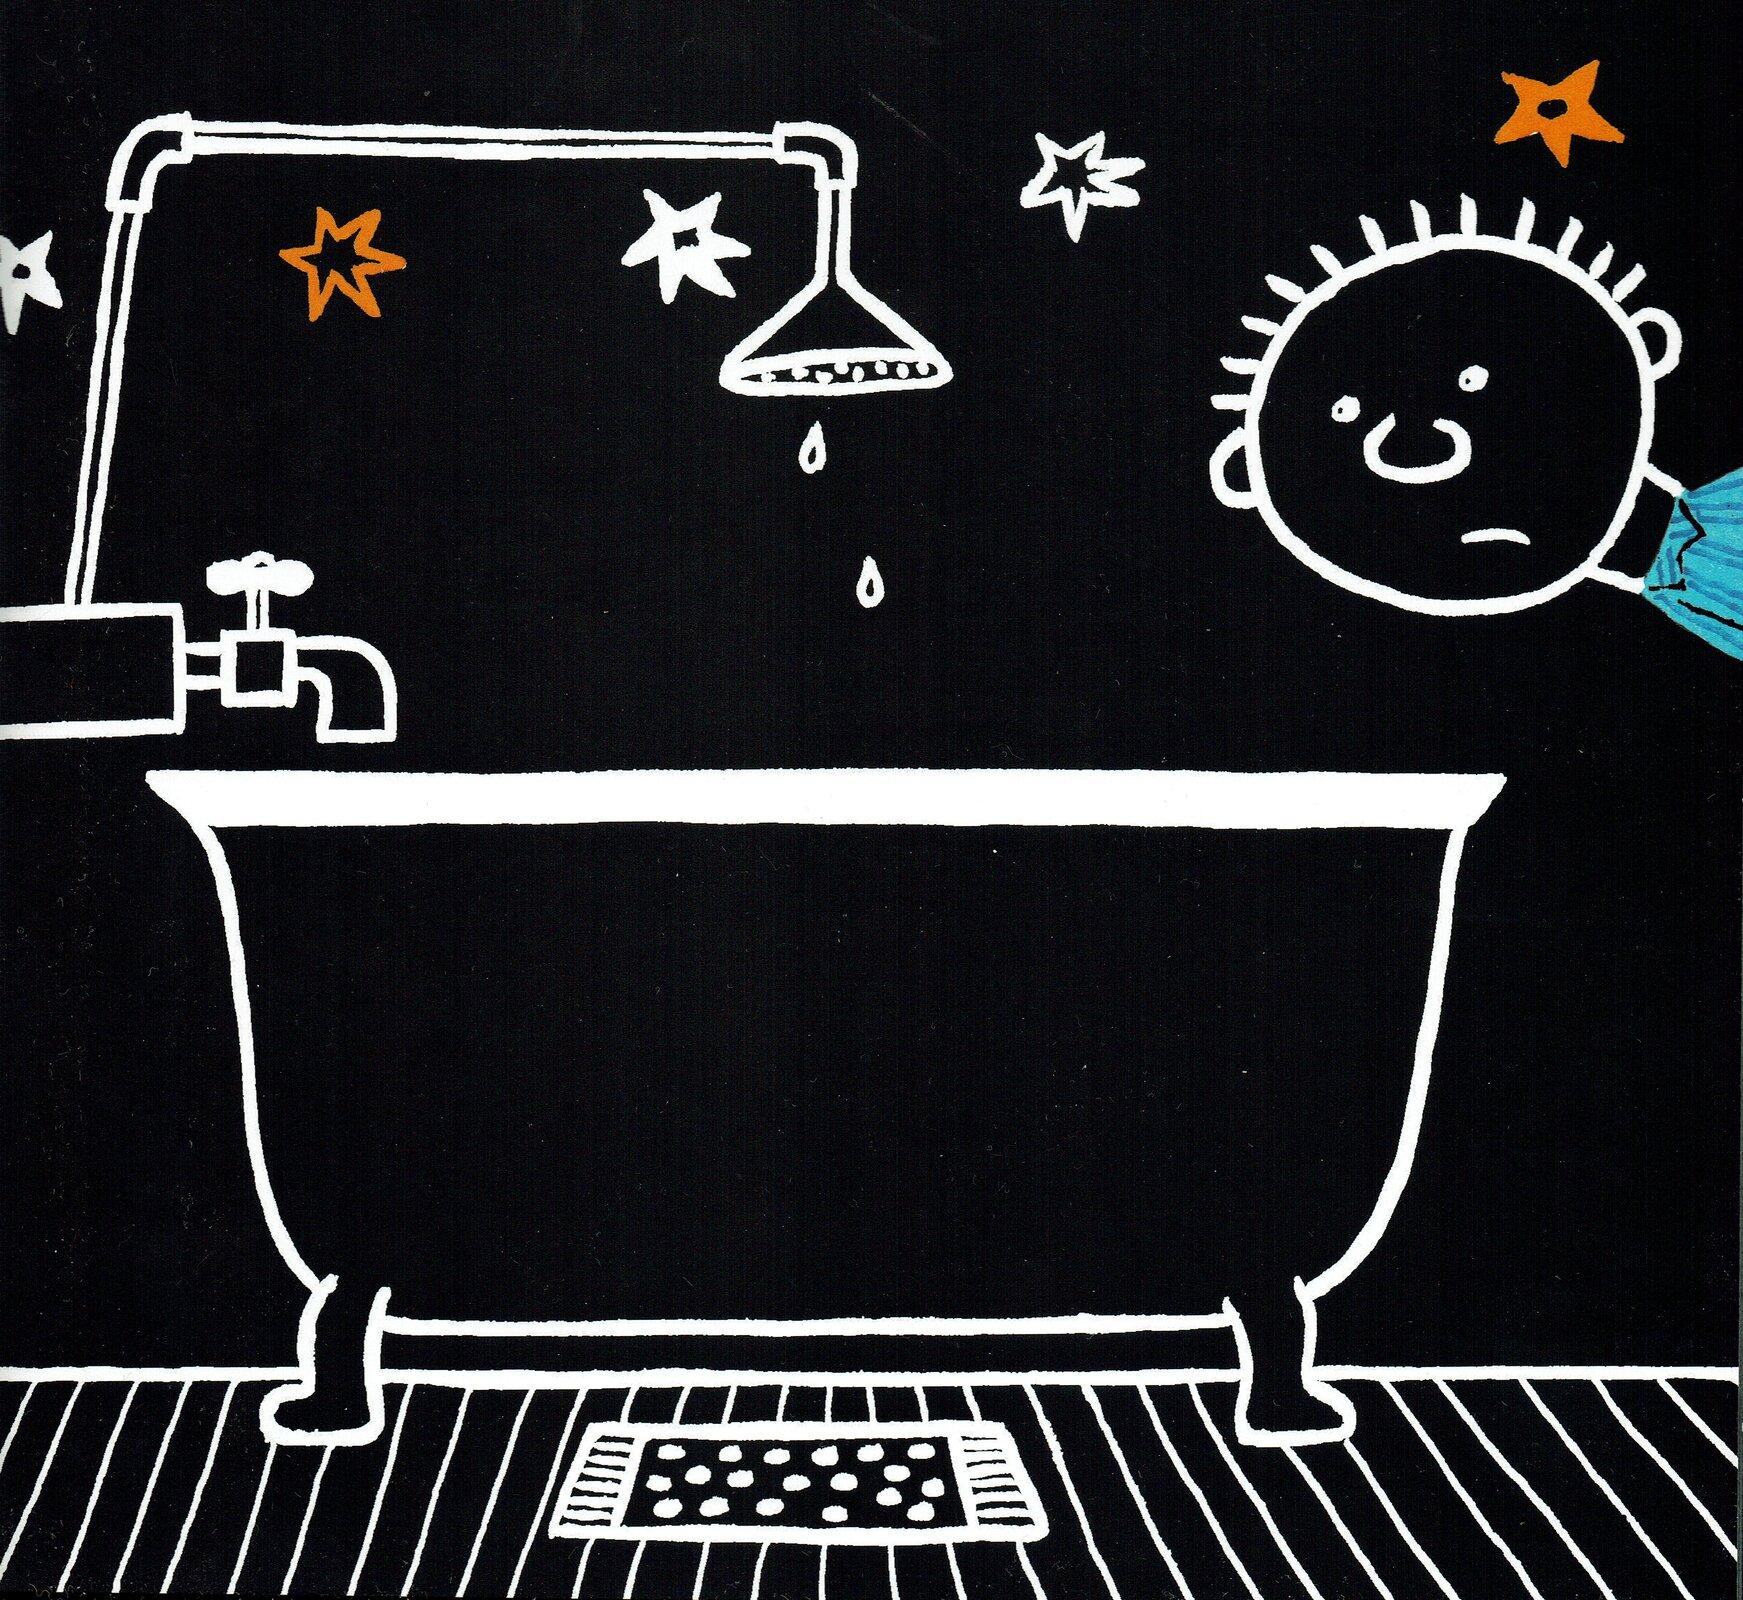 """Ilustracja przedstawia pracę Bohdana Butenki zksiążki """"Nocna wyprawa"""". Ukazuje wannę zprysznicem igłowę chłopca na czarnym tle. Na podłodze leży mały chodniczek wkropki. Nad wanną znajduje się kran, zktórego poprowadzony jest prysznic. Zprysznica kapią dwie krople wody. Wynurzająca się zprawej strony okrągła głowa chłopca zwykrzywioną miną skierowana jest wstronę wanny. Wgórnej części ilustracji zamieszczone zostały białe iżółte gwiazdki."""